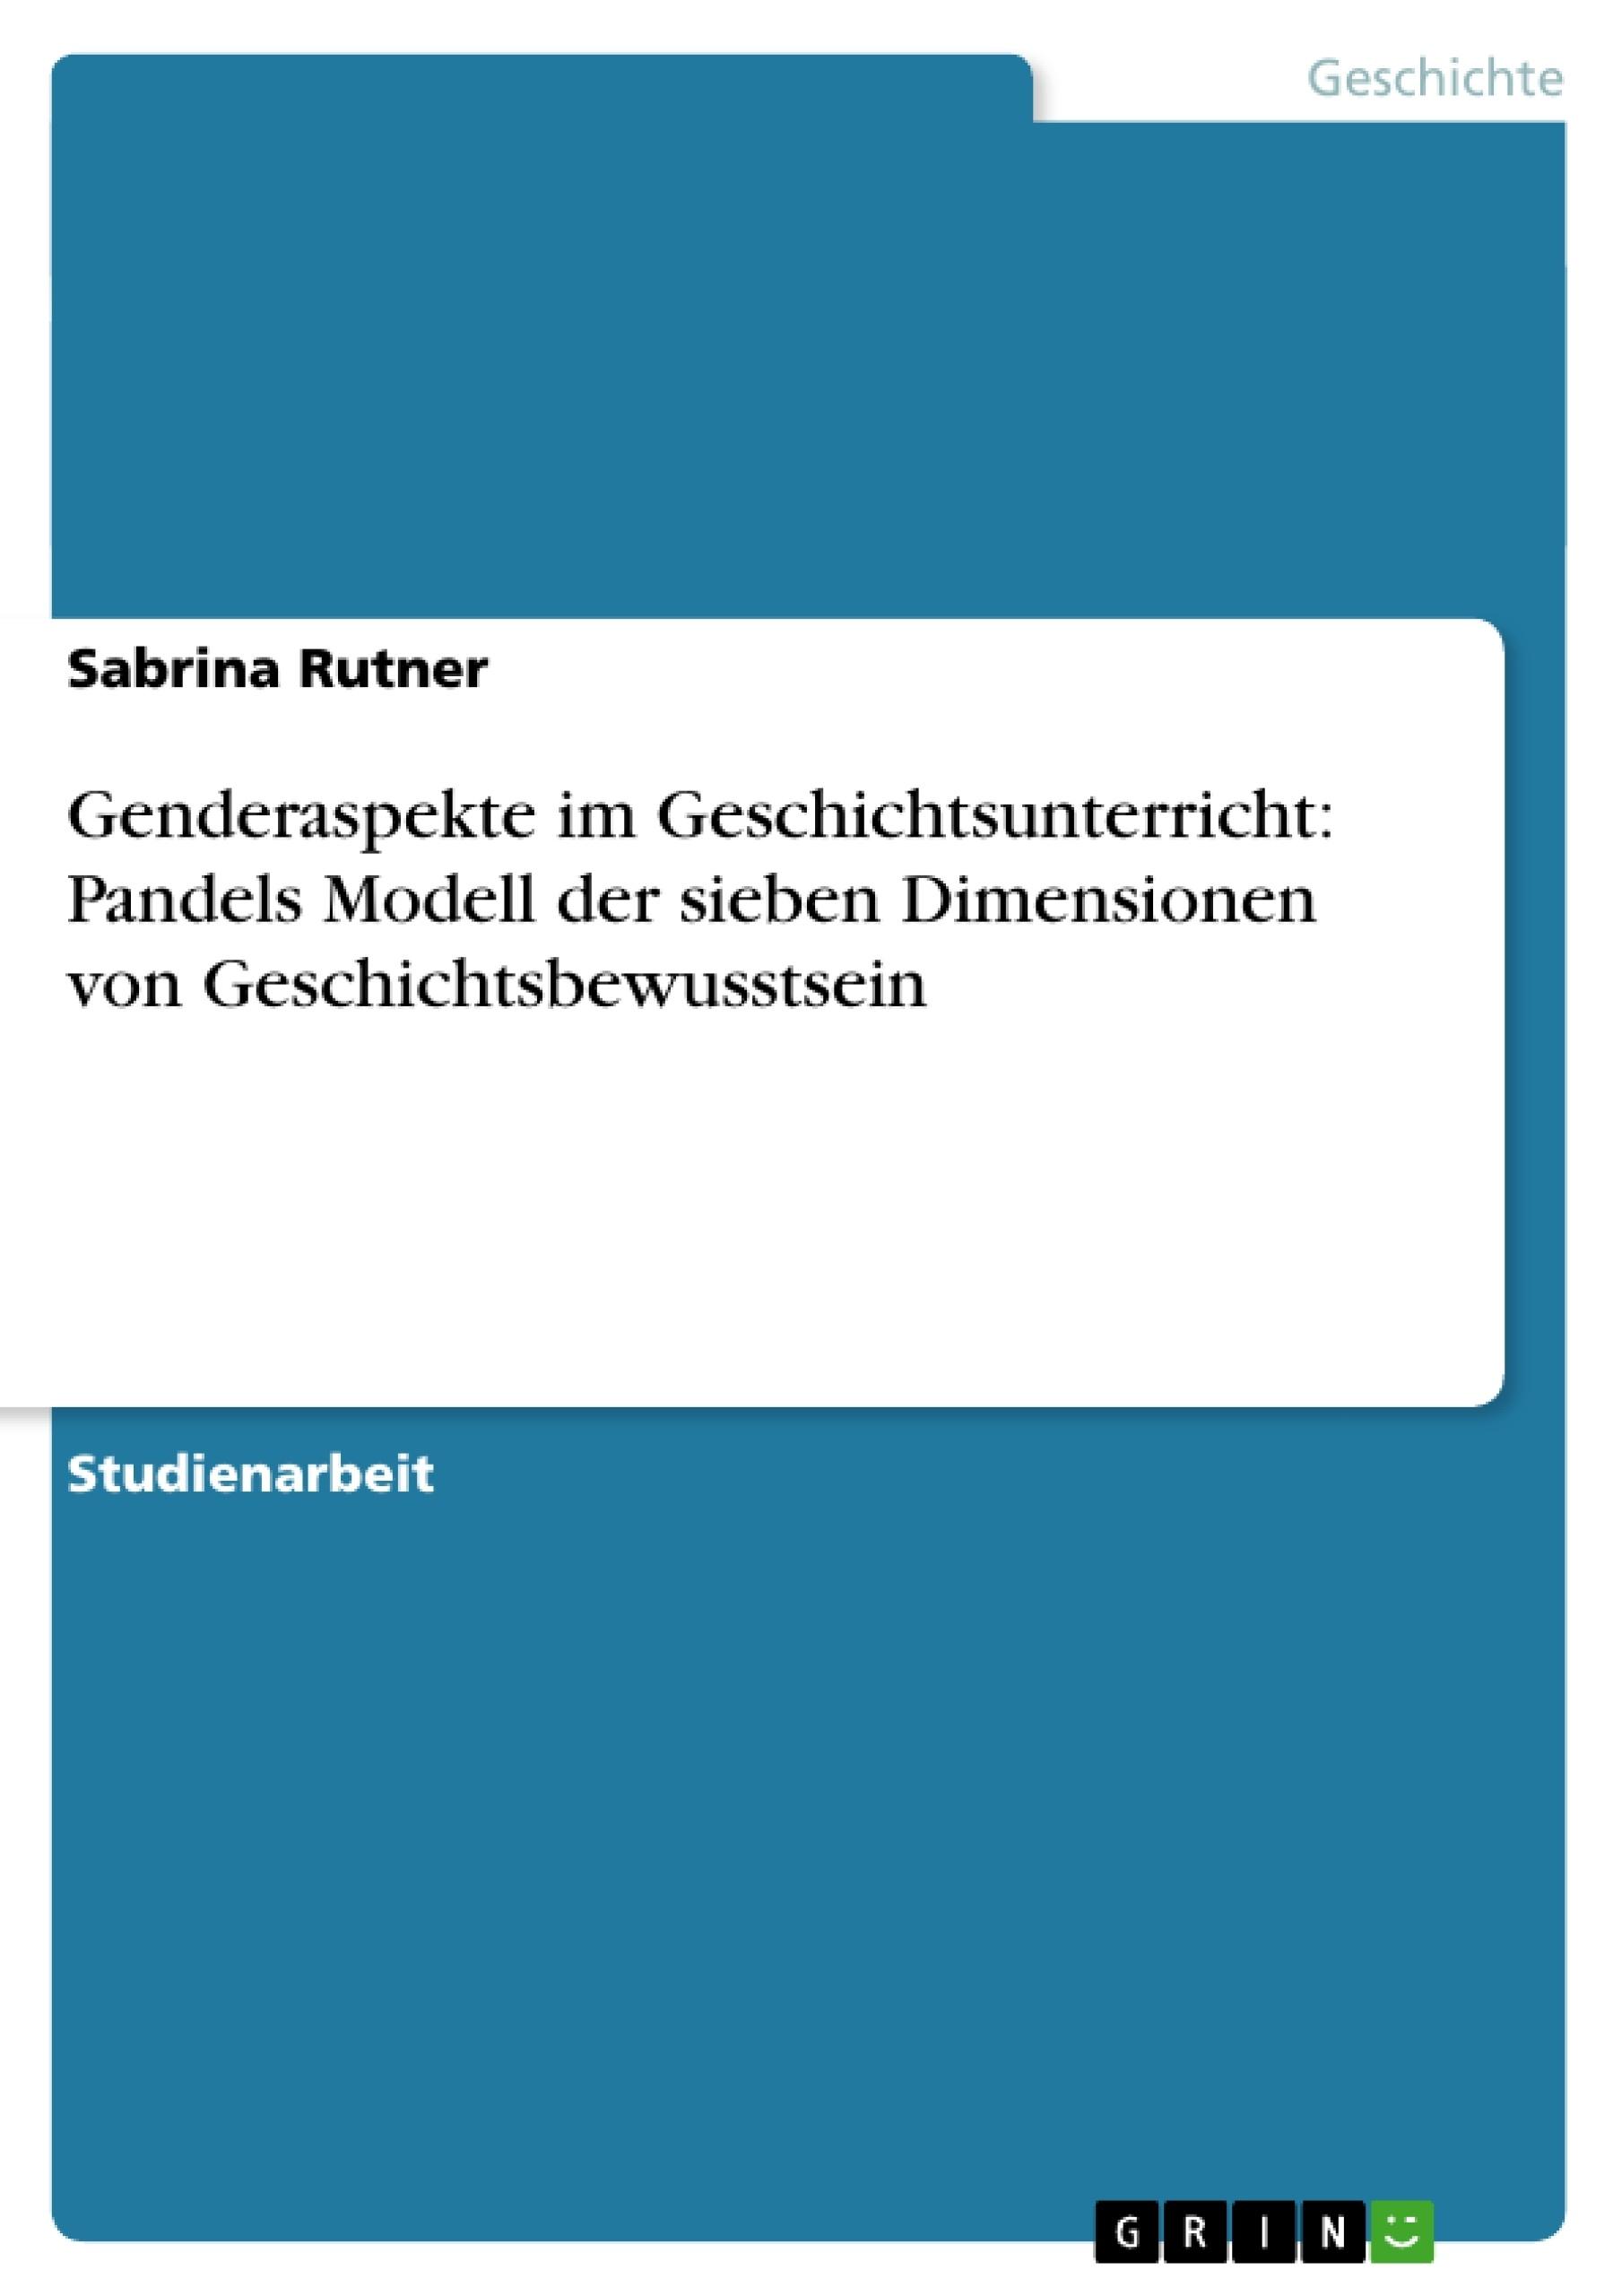 Titel: Genderaspekte im Geschichtsunterricht: Pandels Modell der sieben Dimensionen von Geschichtsbewusstsein